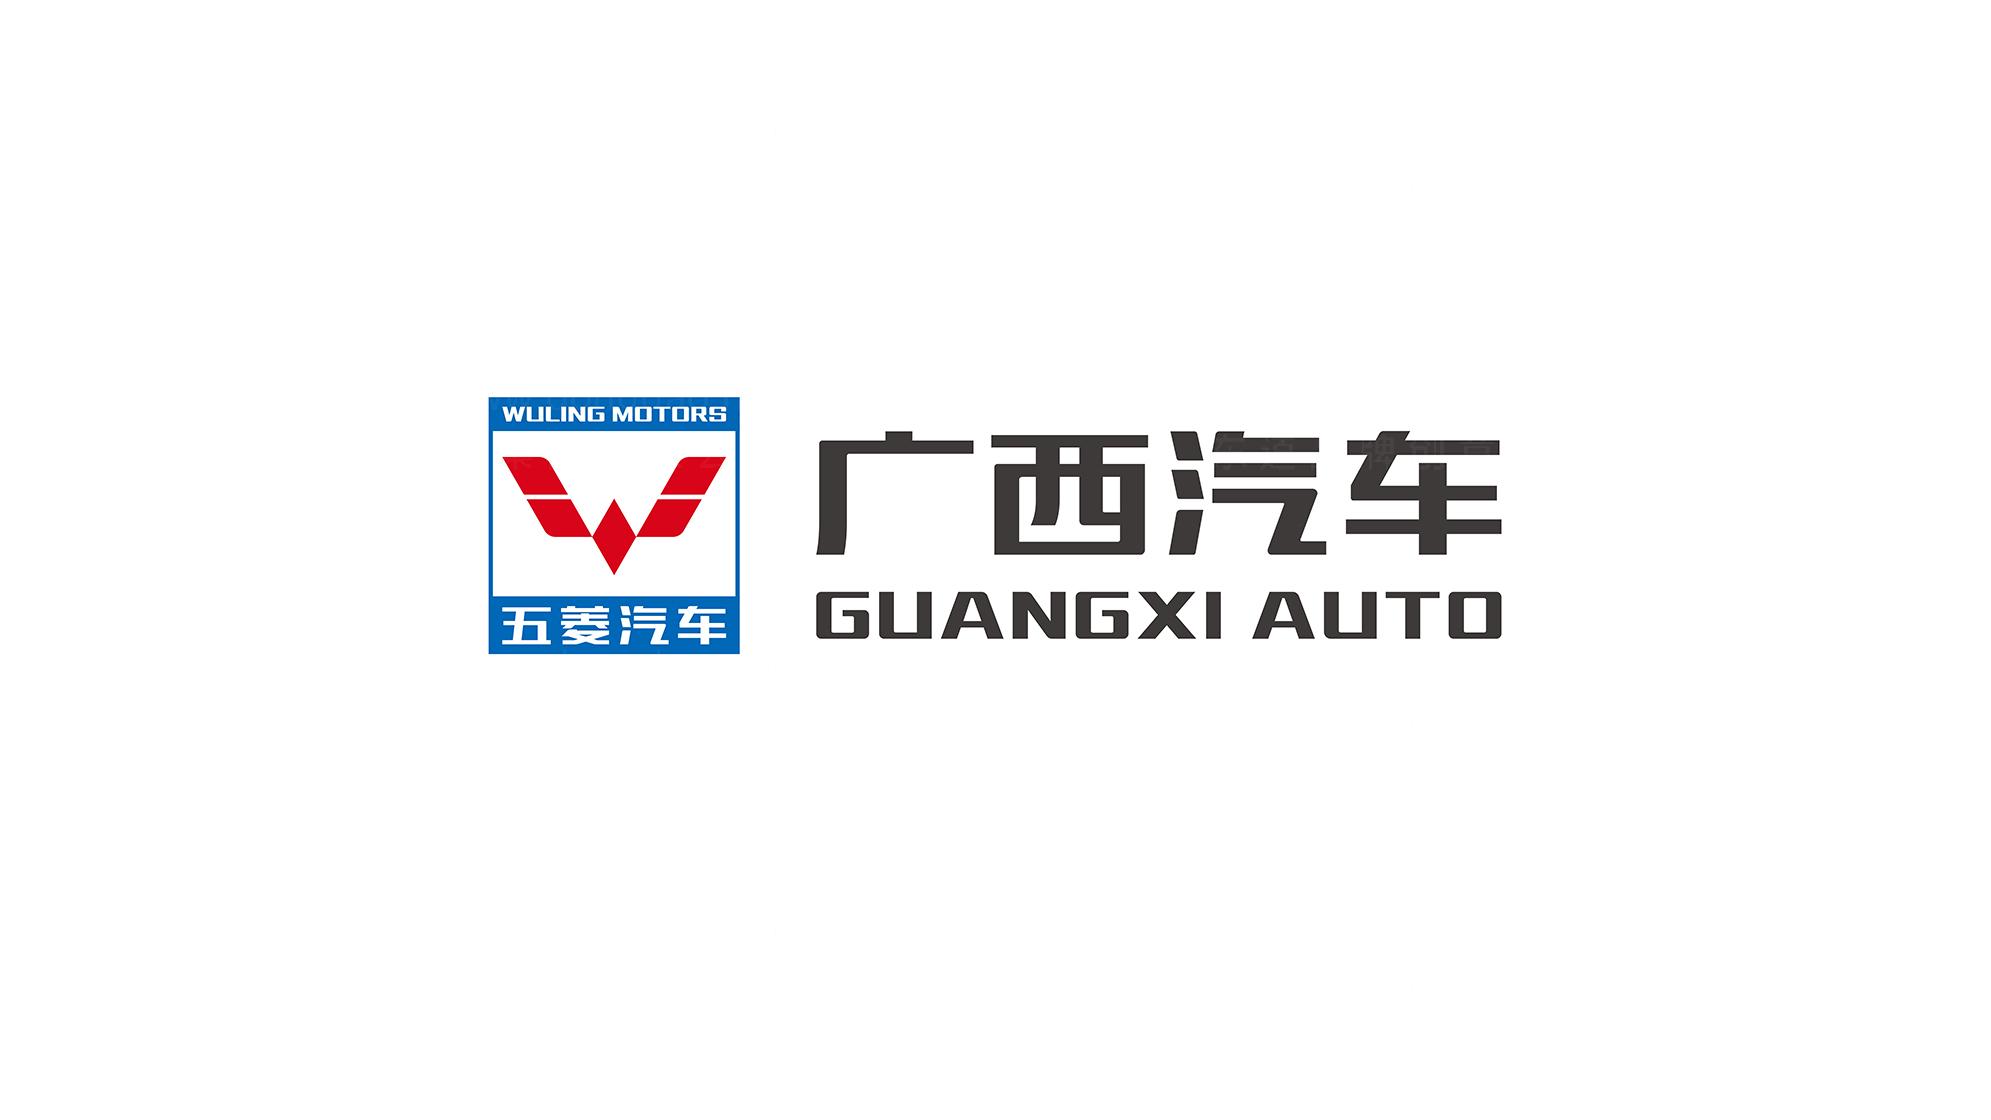 汽车业品牌设计广西汽车标志设计